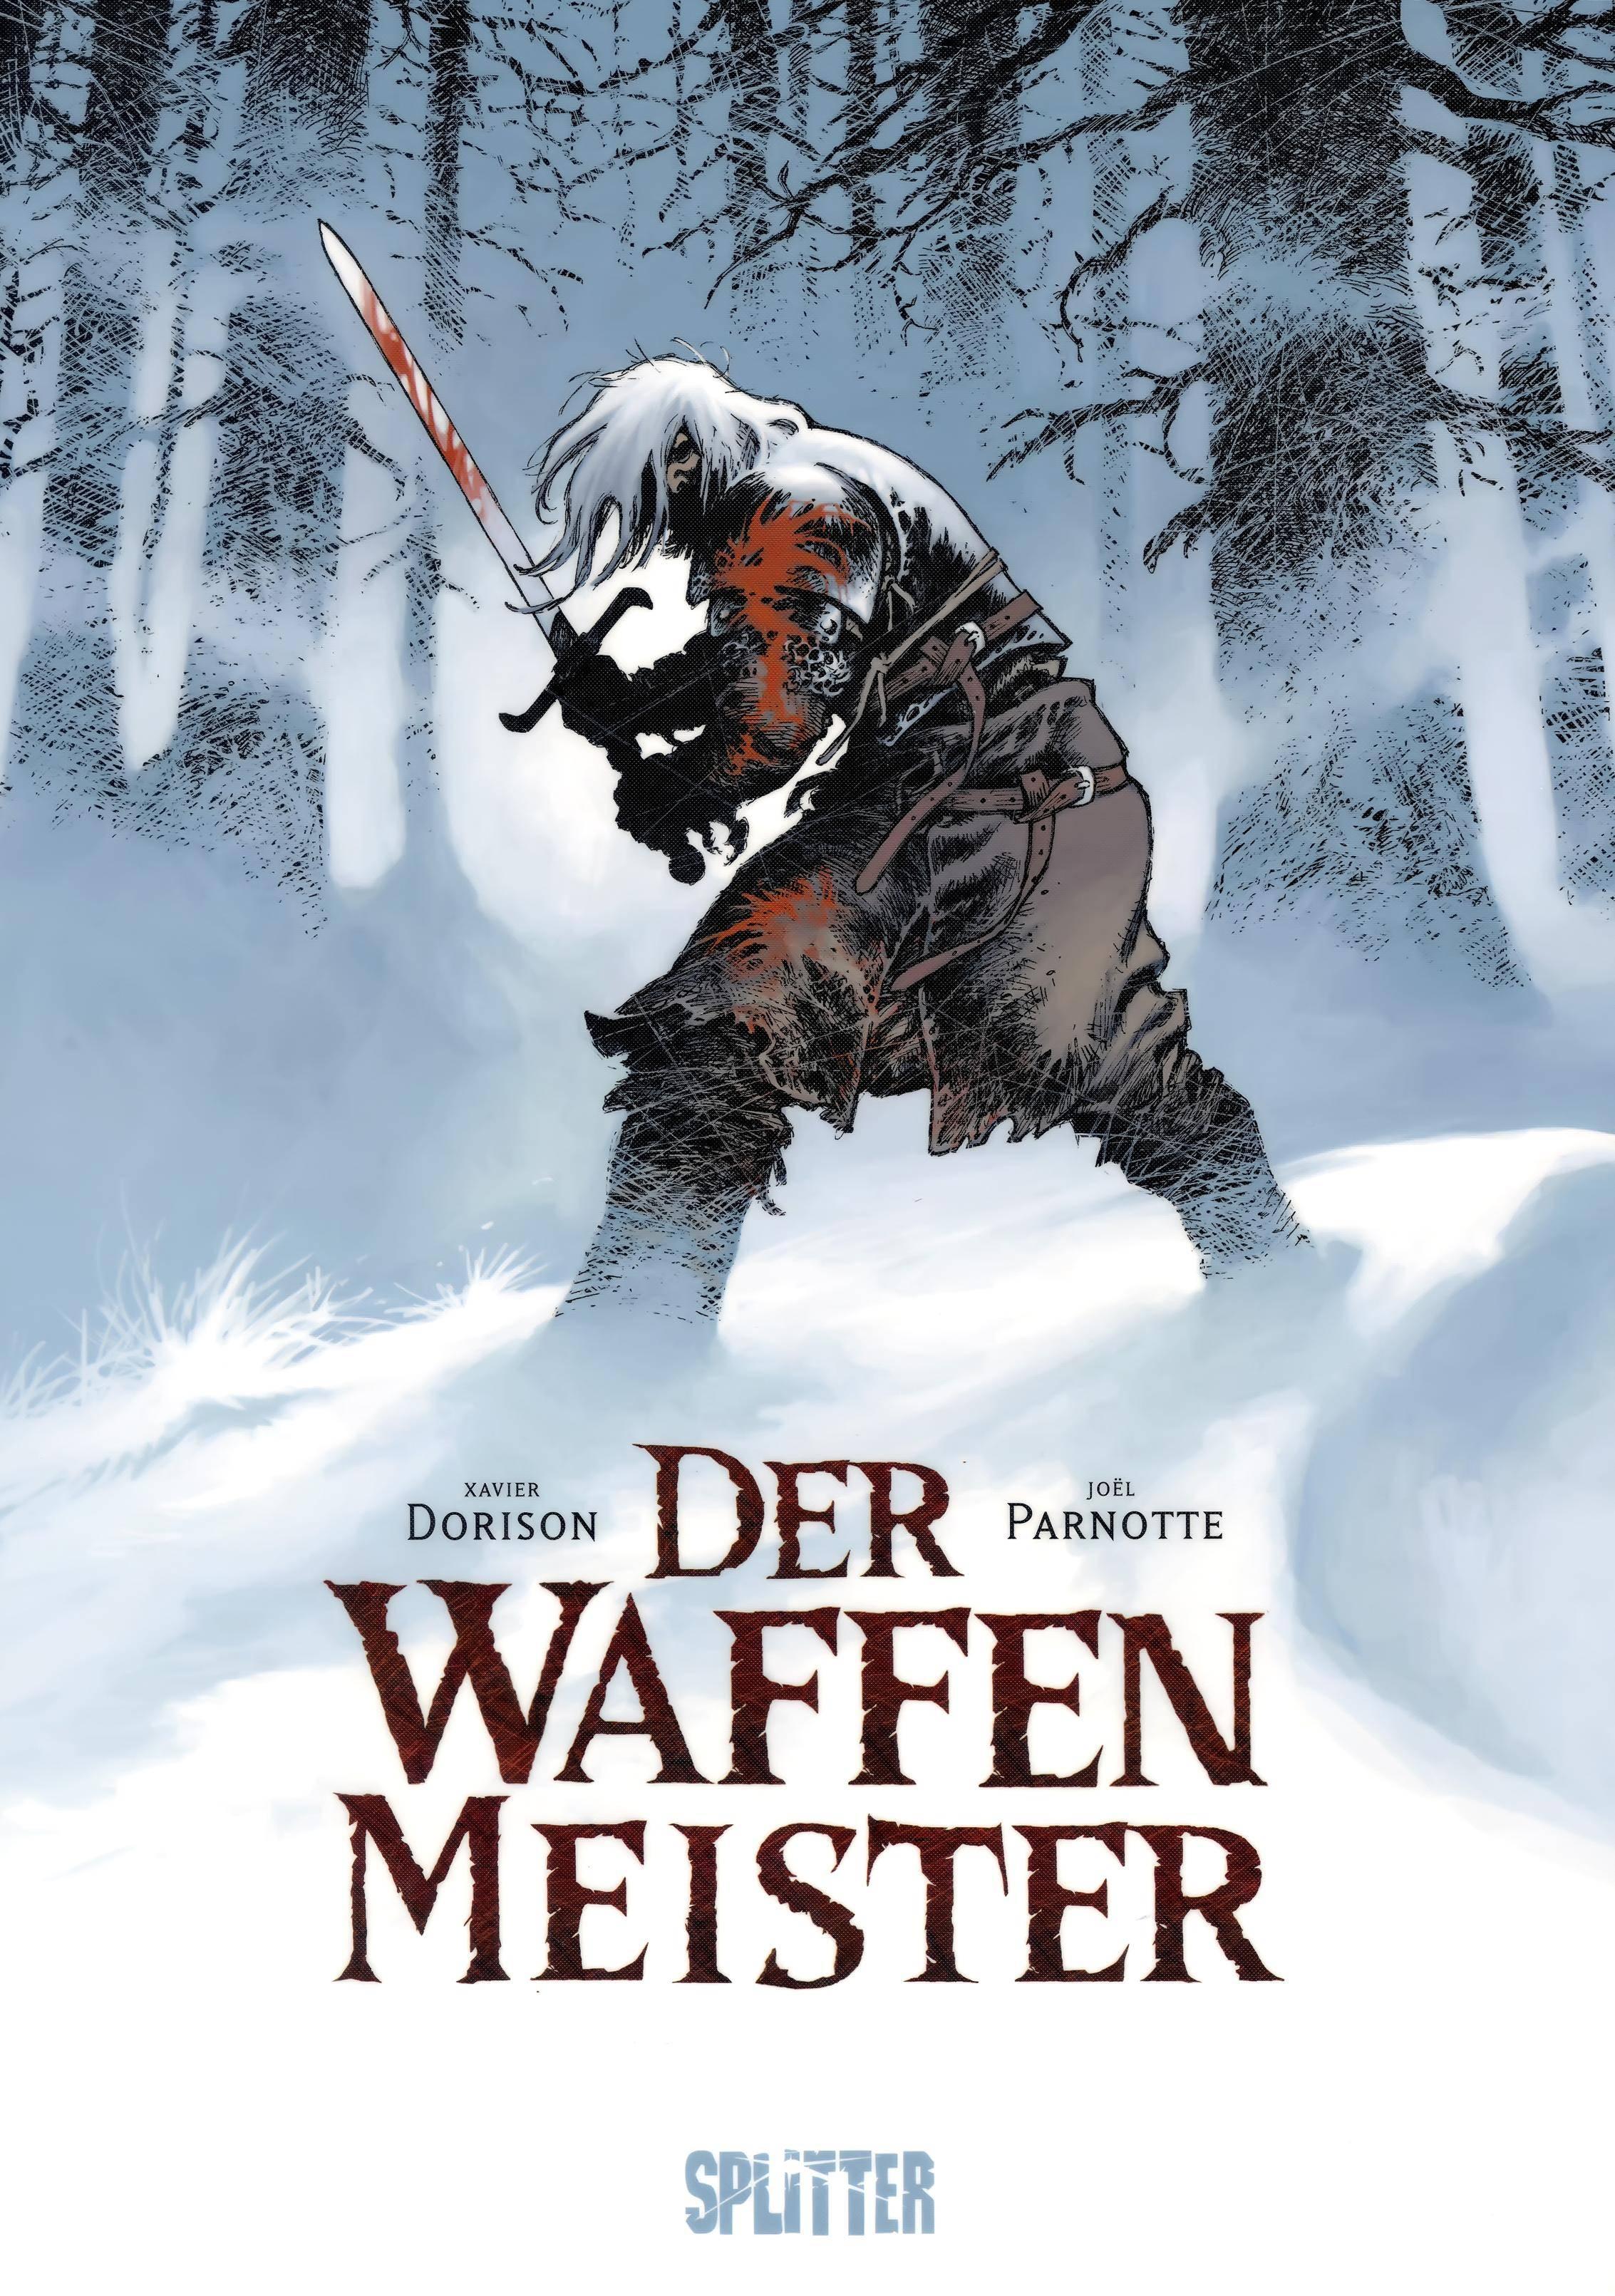 Der Waffenmeister One Shot Splitter 2016-07 4K IBKR DAS